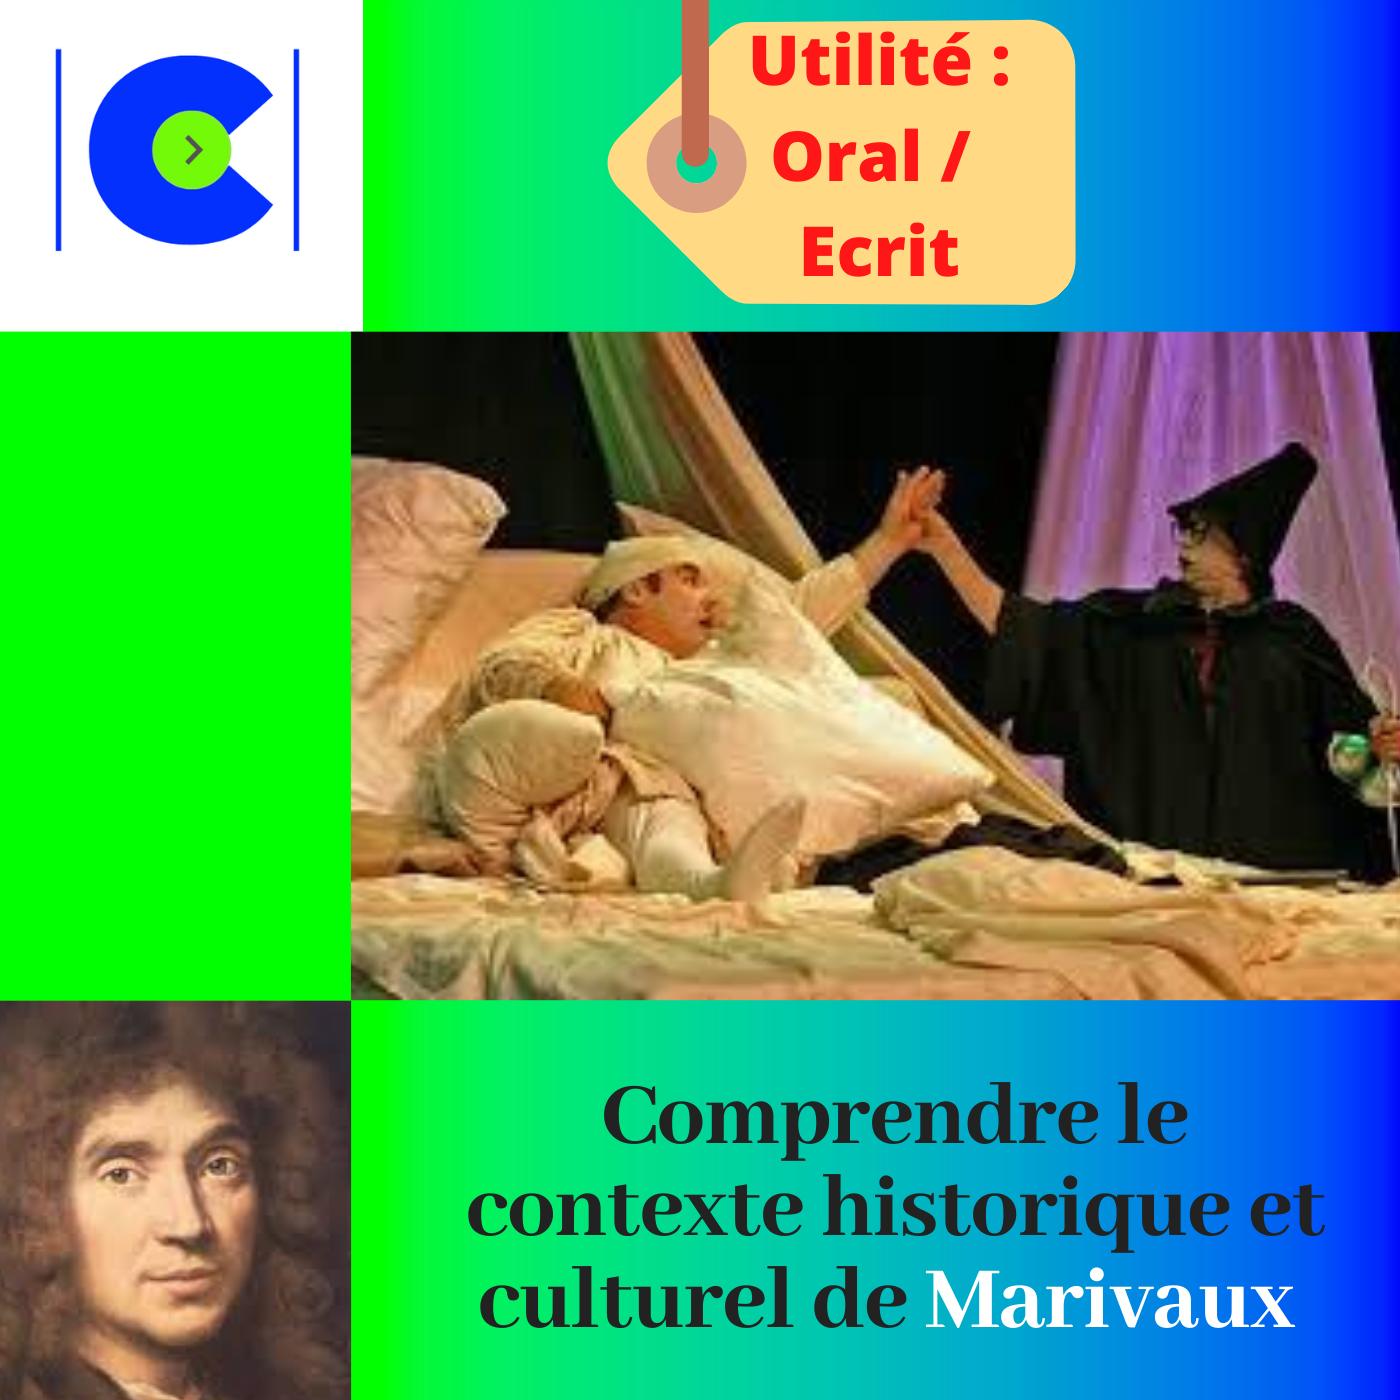 Comprendre le contexte historique et culturel de MOLIERE.